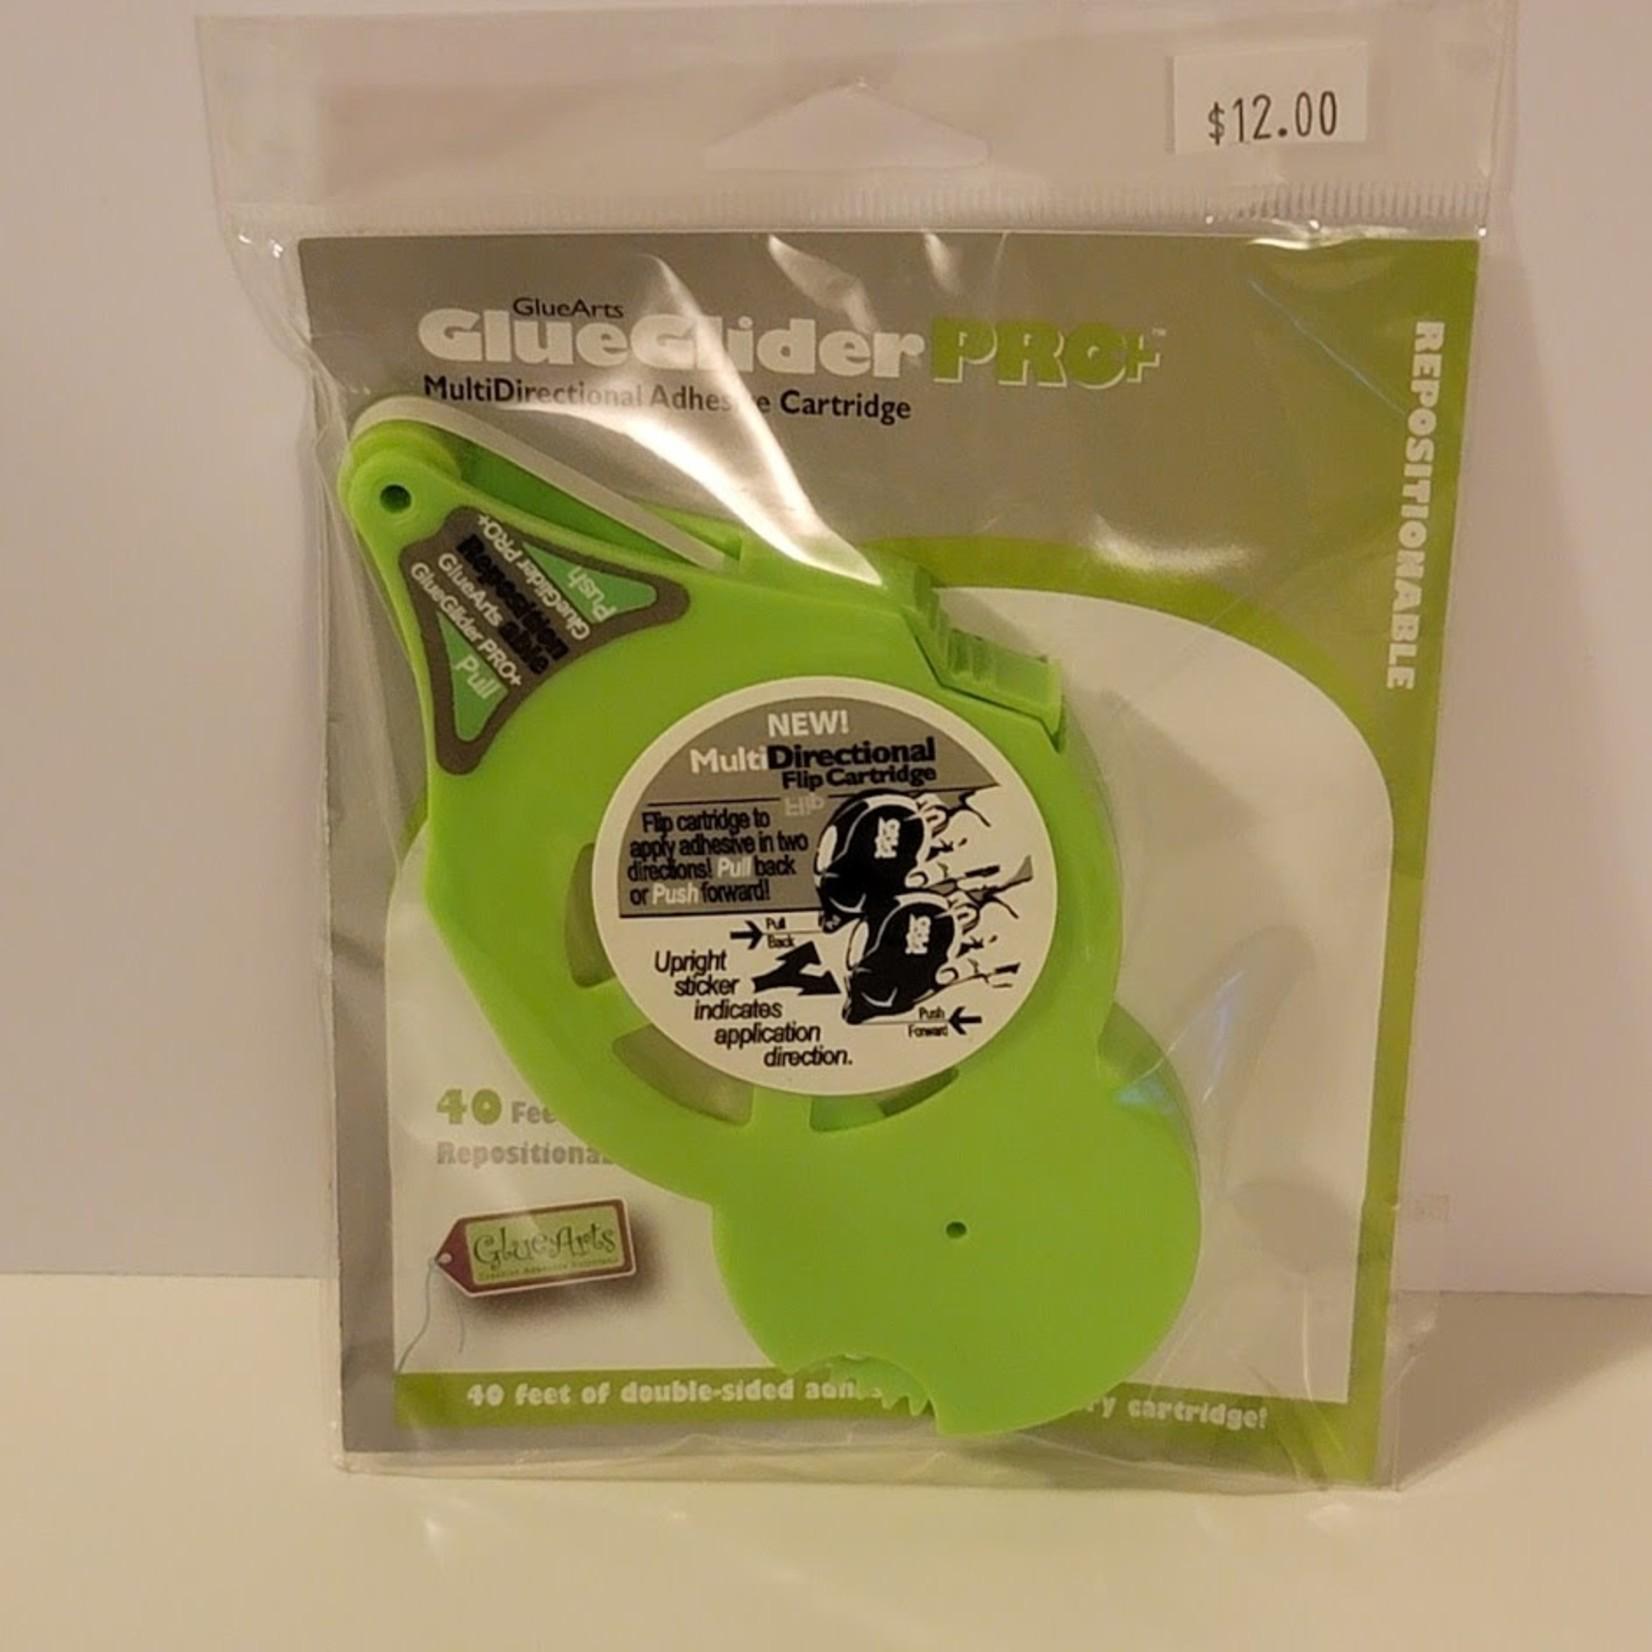 GlueArts - Glue GliderPro+ Refill - Repositionable